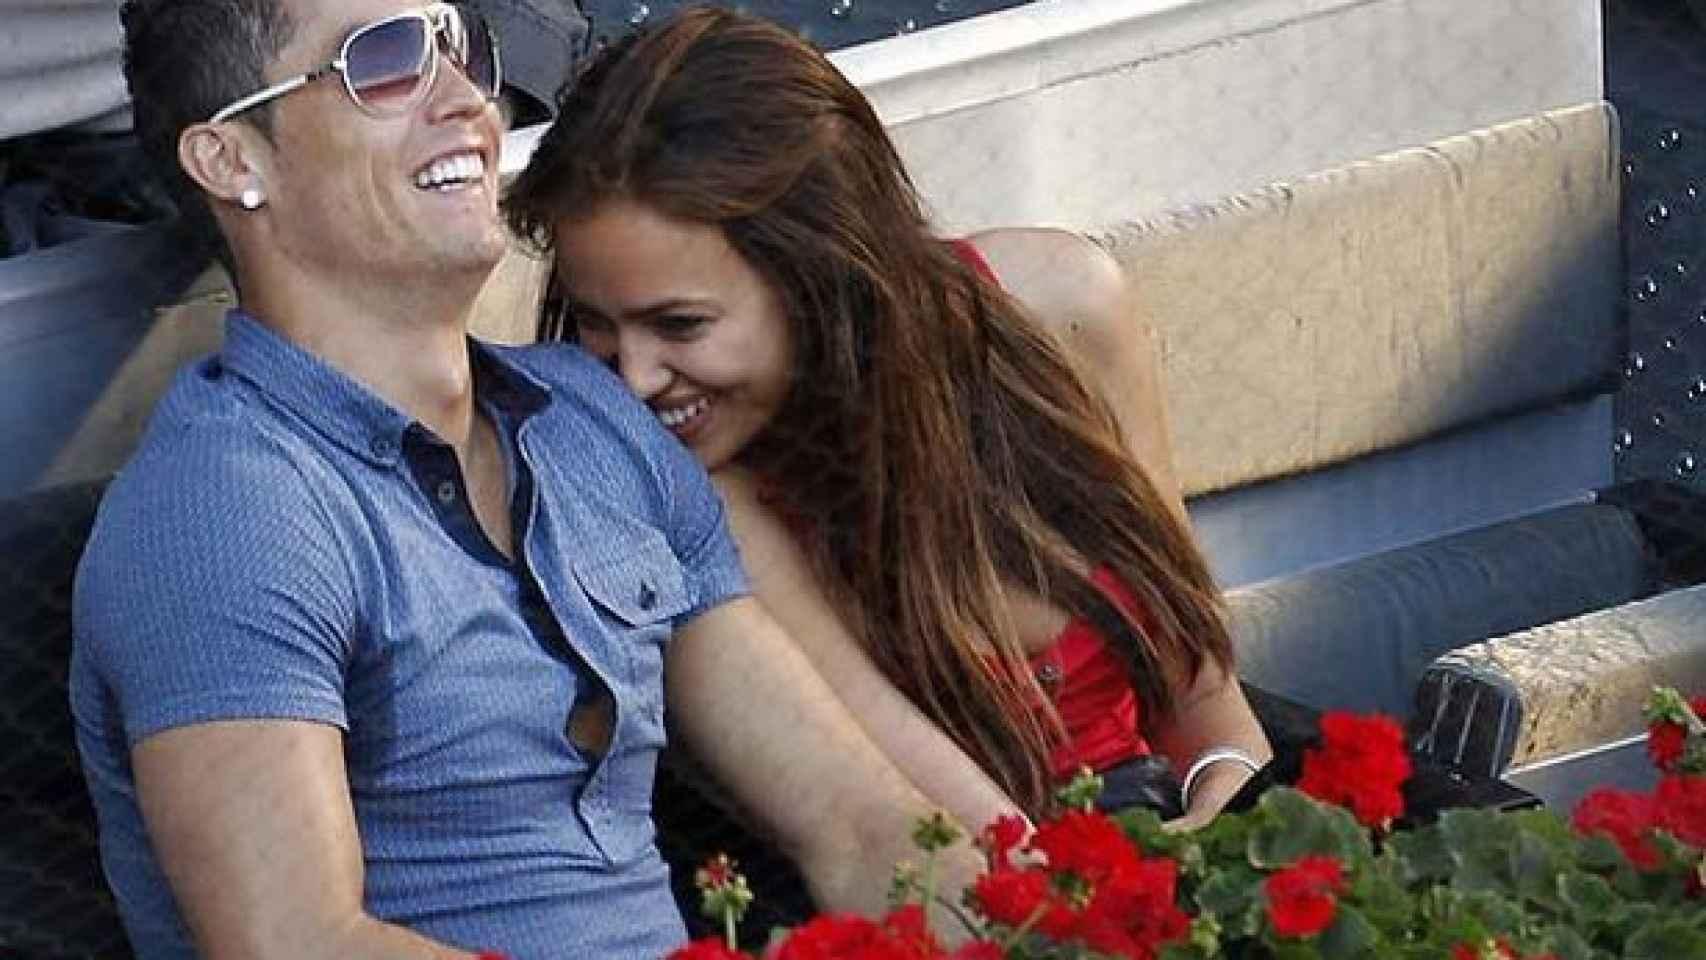 Cristiano e Irina formaban una de las parejas más atractivas del panorama del fútbol.